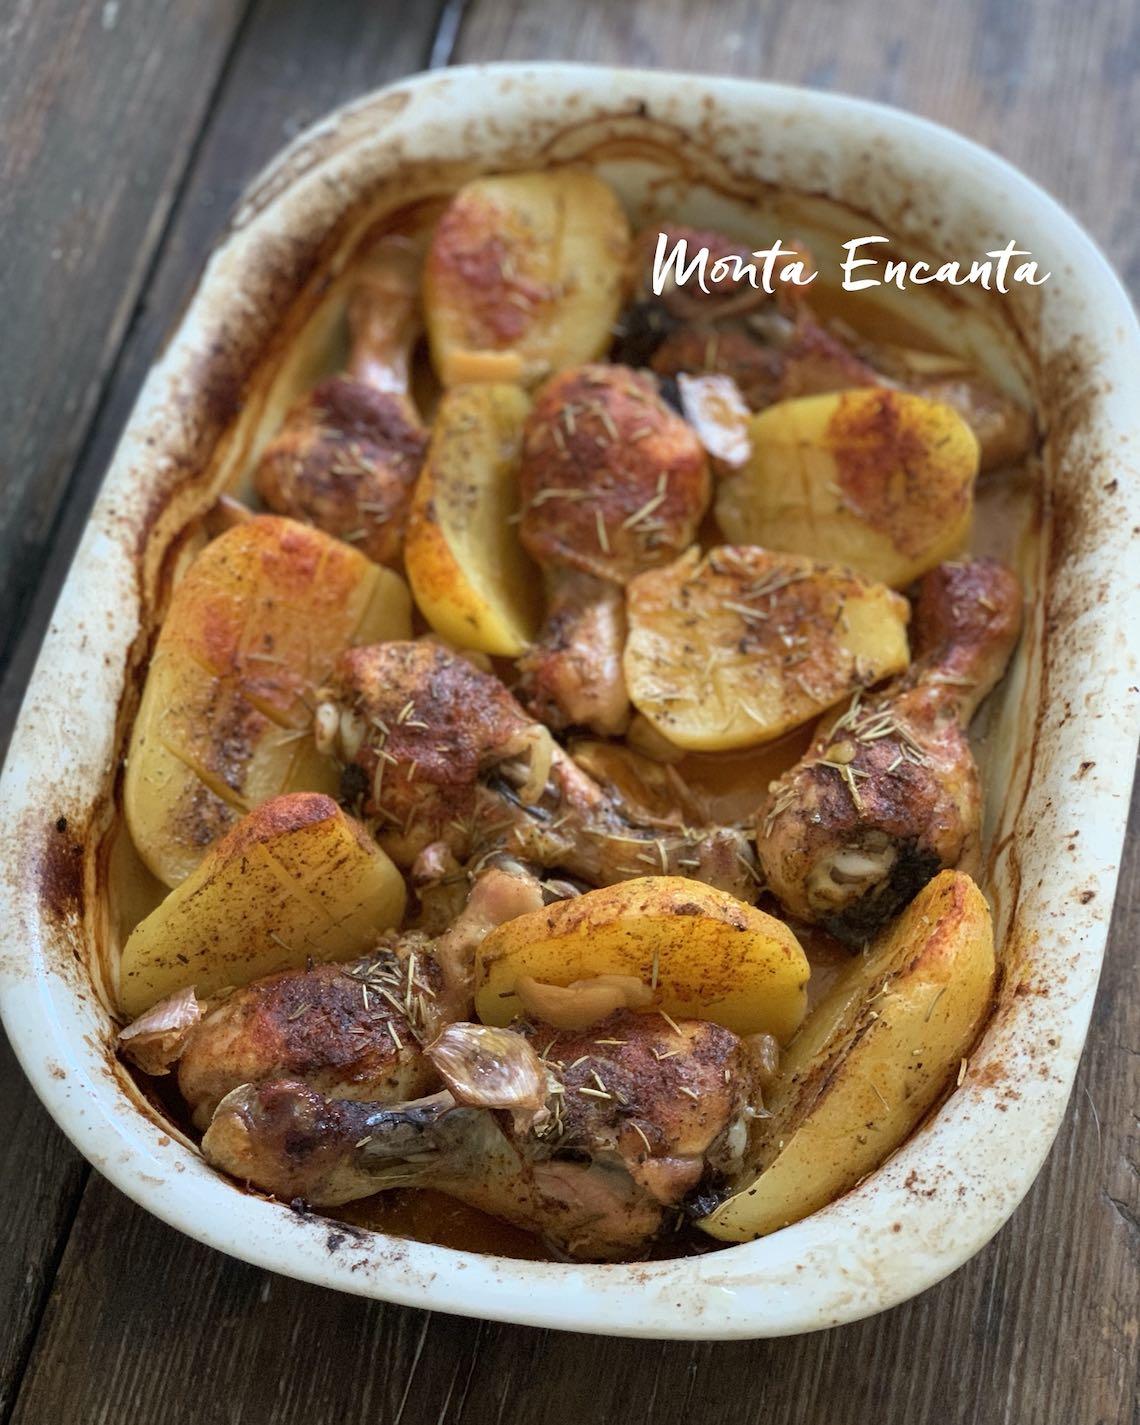 coxa de frango assada com batata, alecrim e páprica